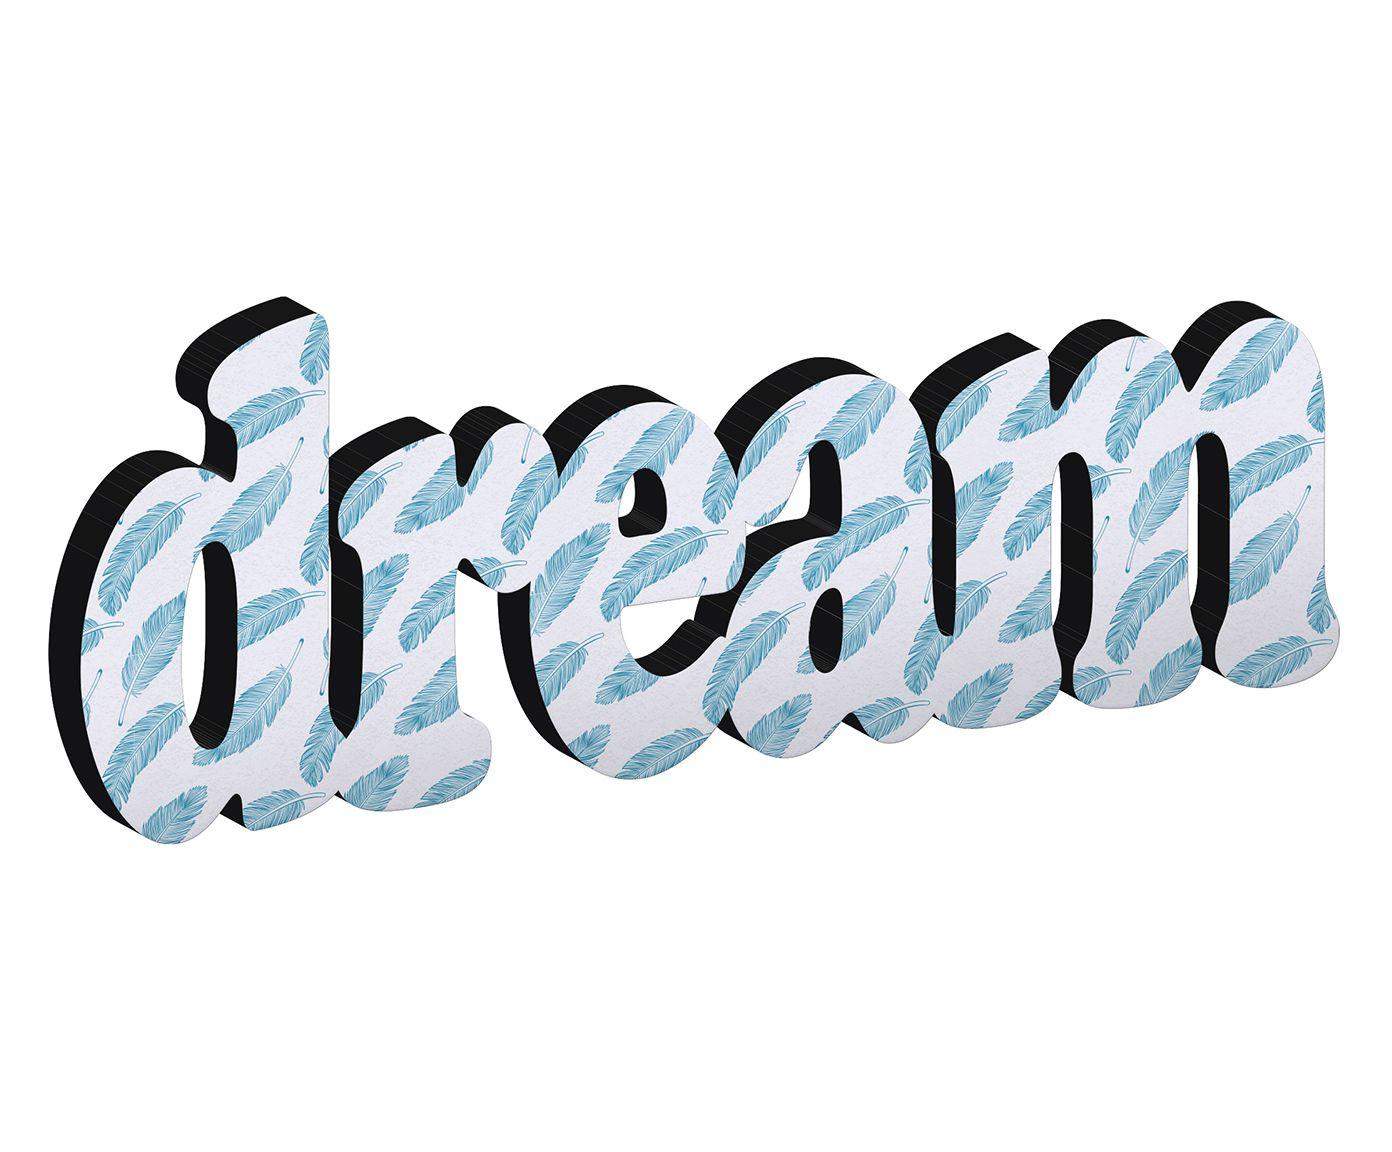 Adorno Dream | Westwing.com.br